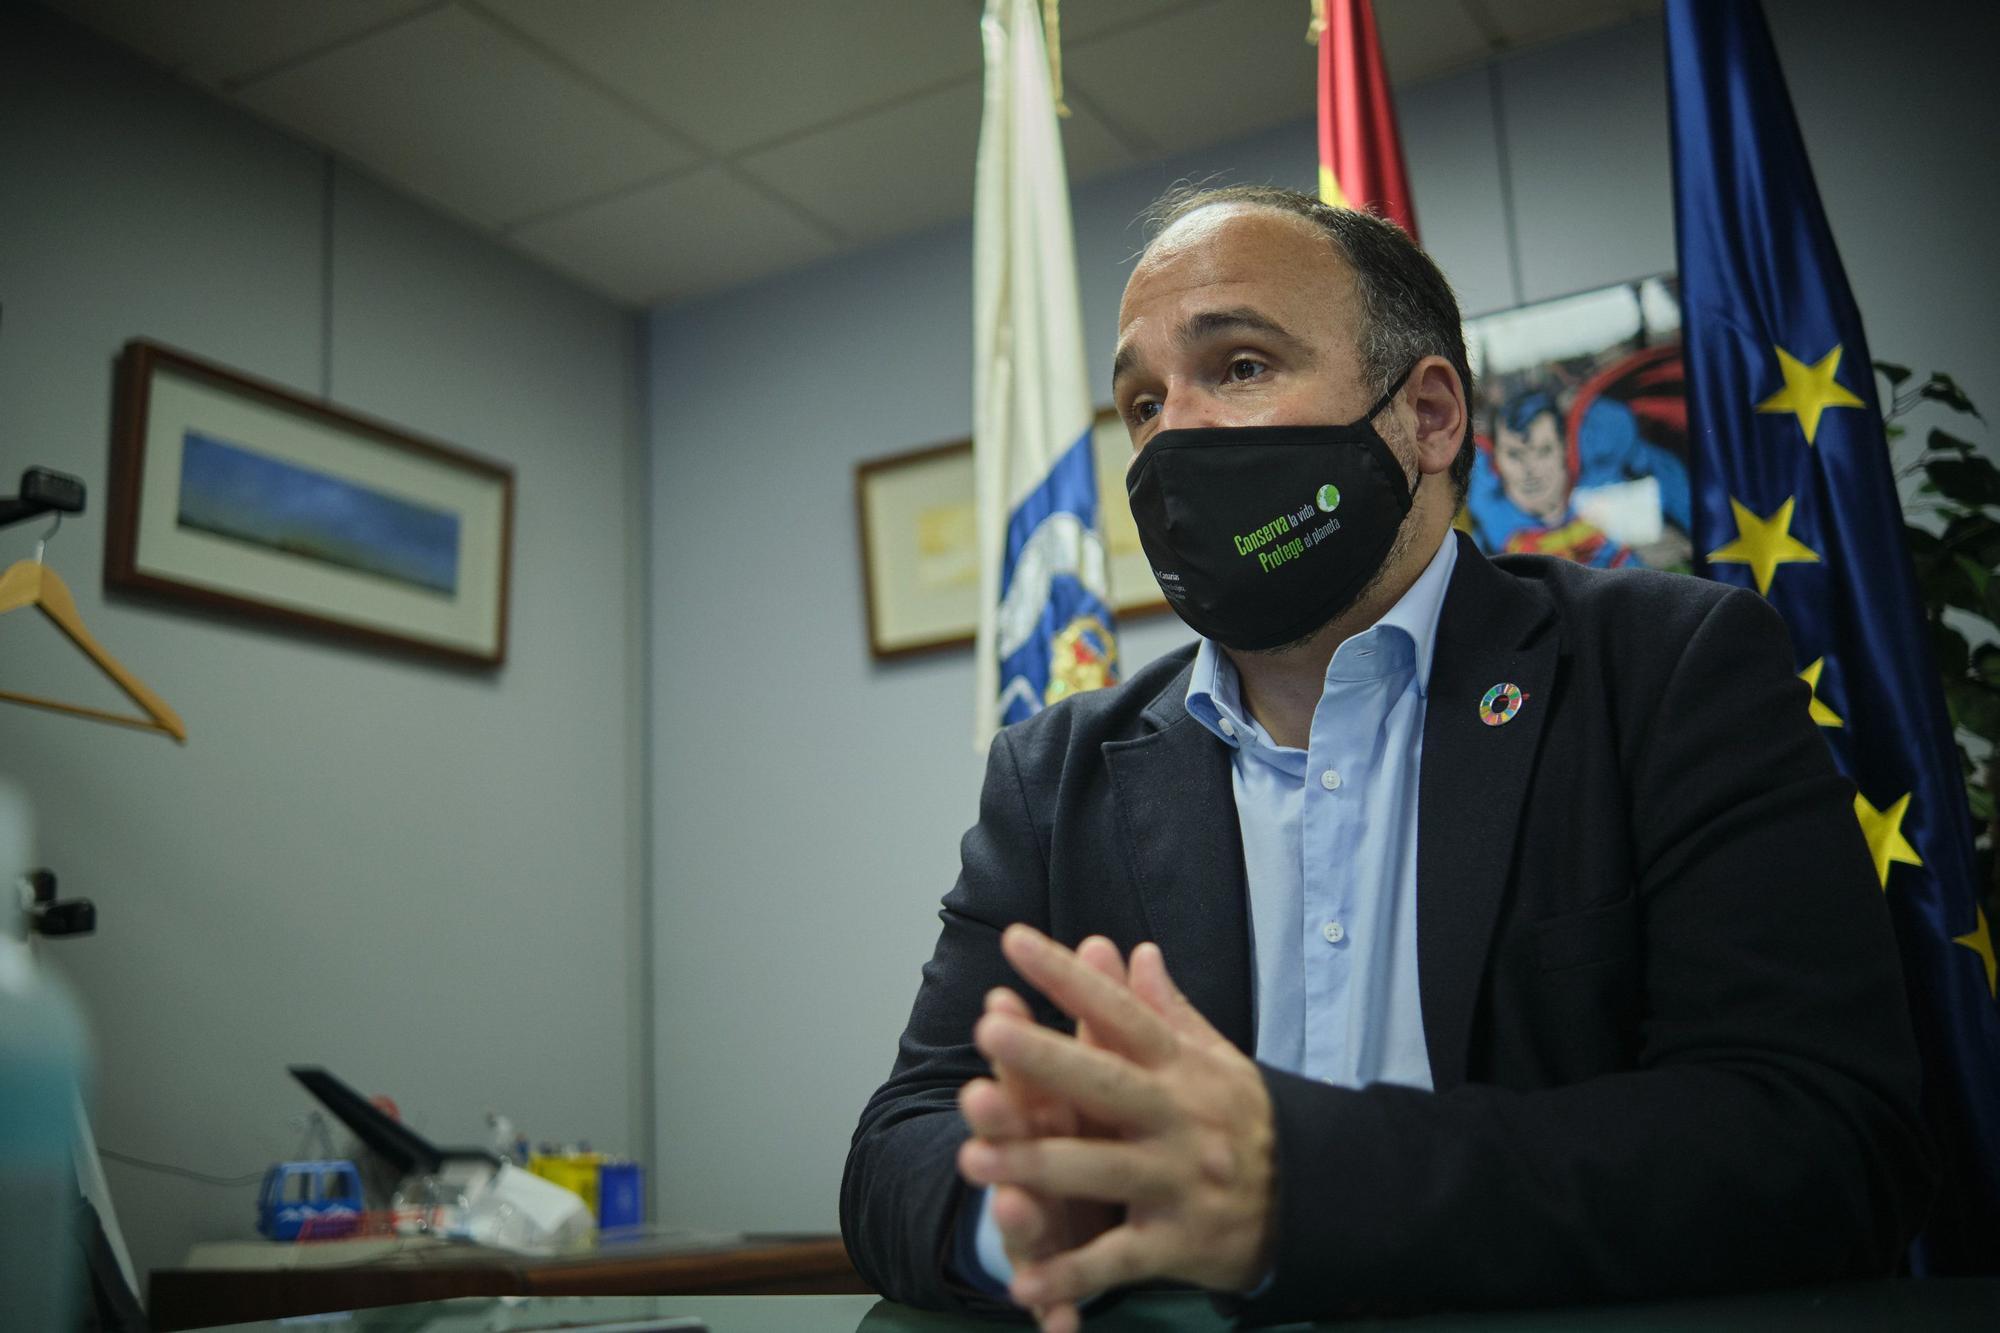 El consejero José Antonio Valbuena.